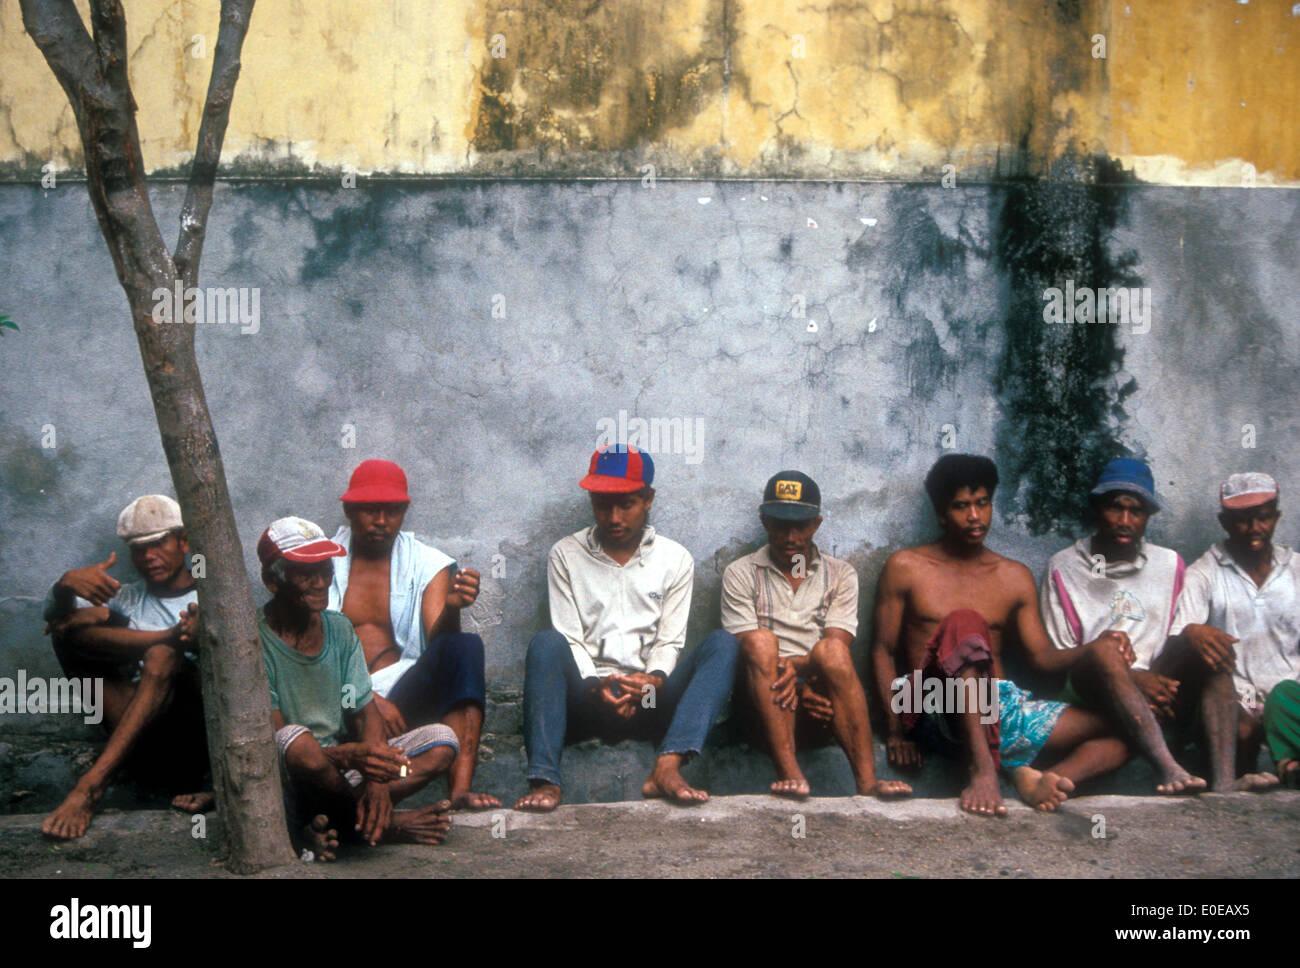 Unemployed Men Stock Photos & Unemployed Men Stock Images - Alamy